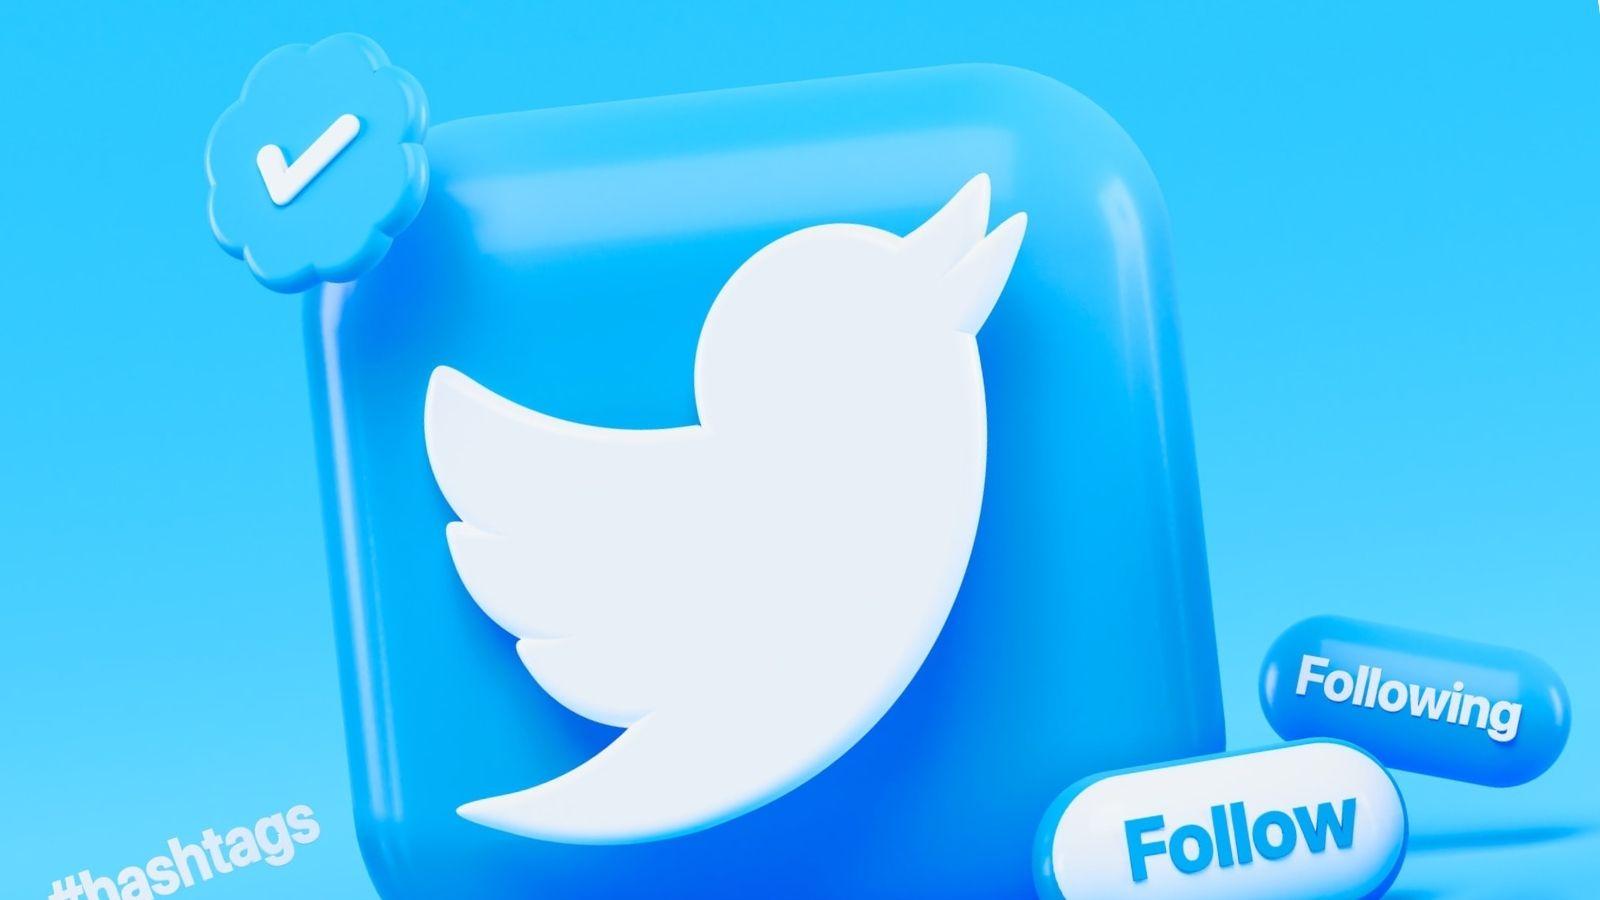 Twitter Follow Following